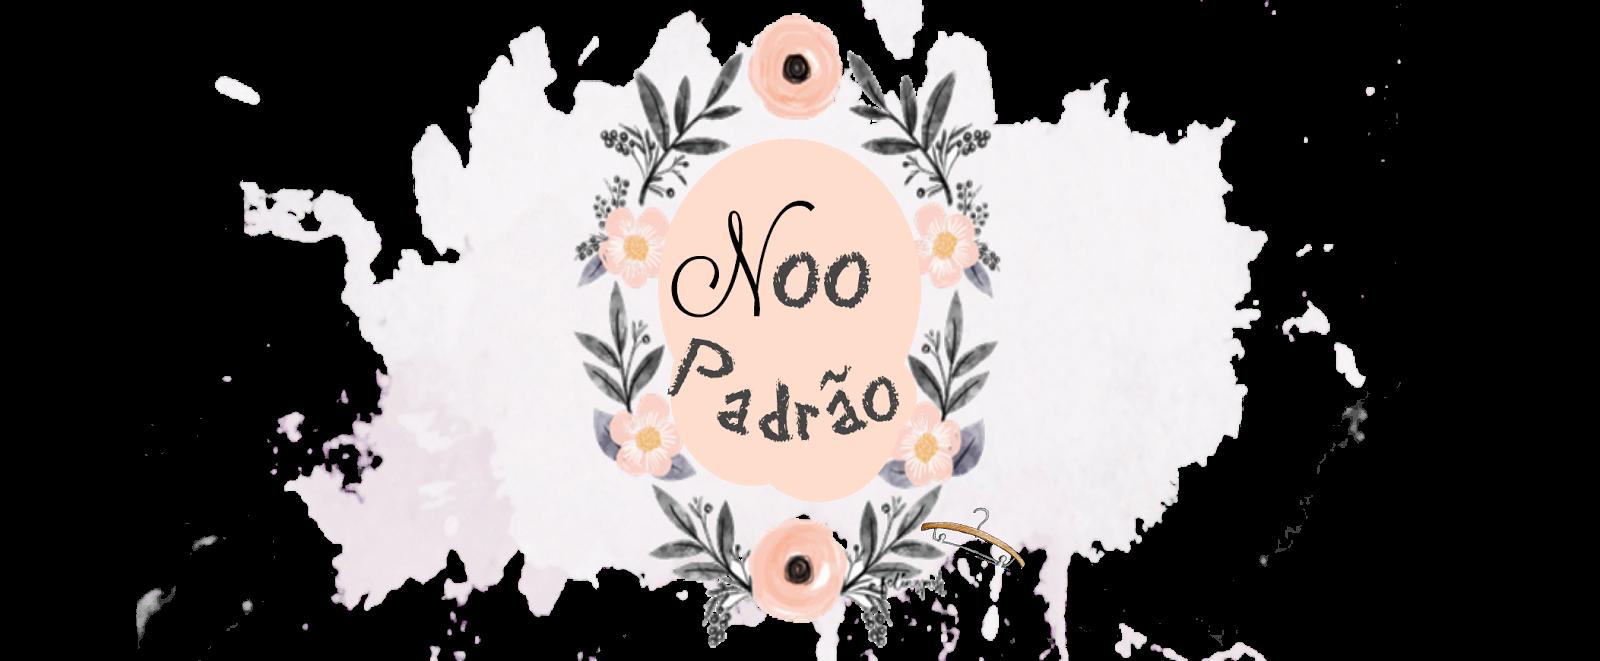 Noo Padrão